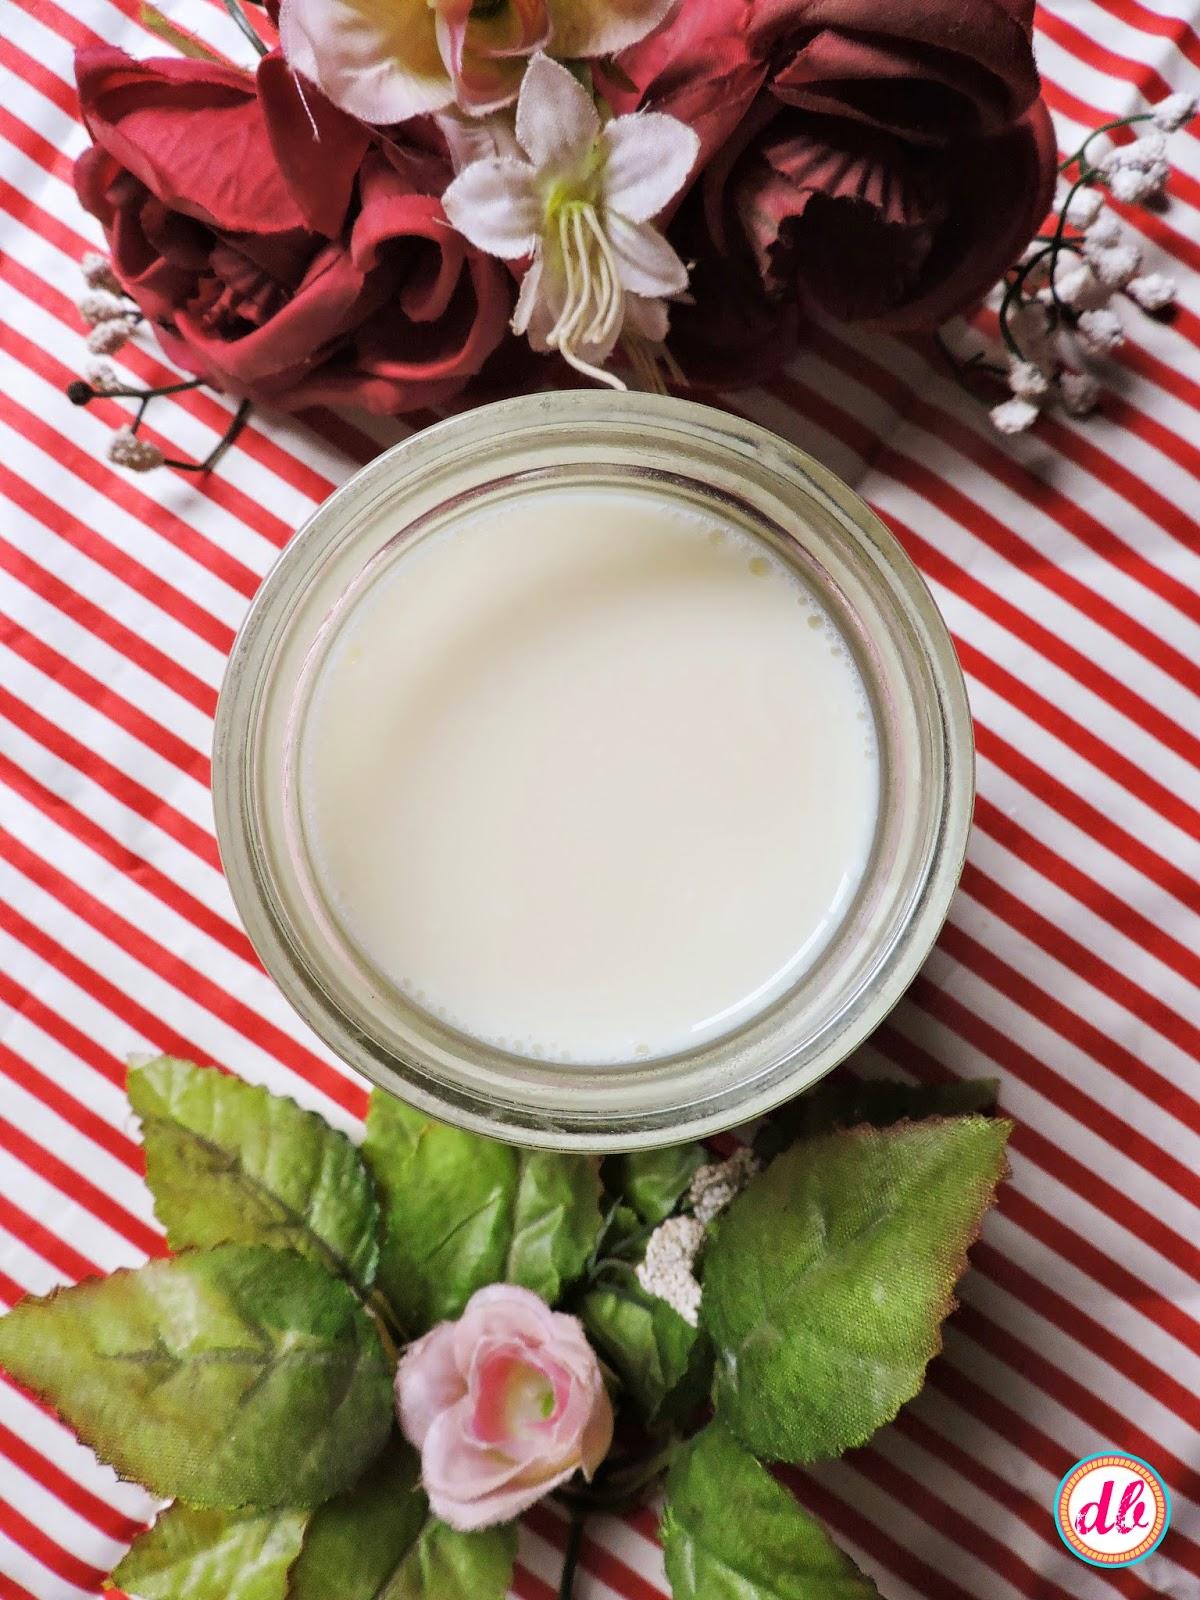 12 Merk Susu Kedelai yang Bagus & Aman Konsumsi